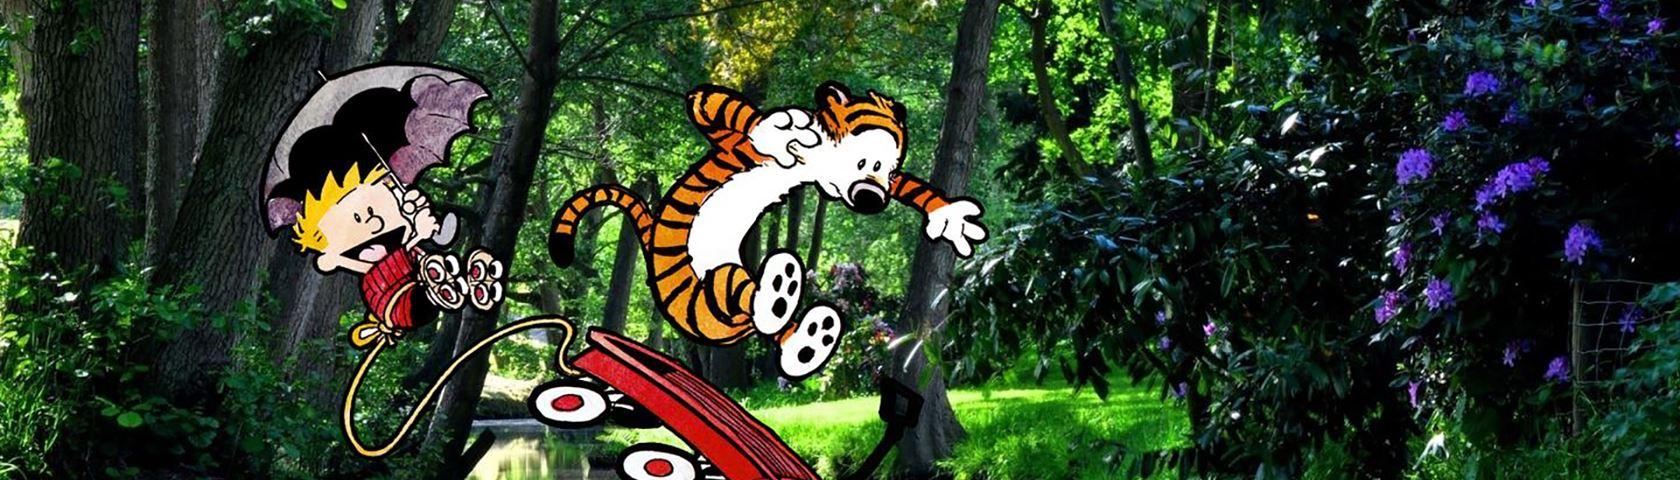 Calvin and Hobbes Jumping into a Lake